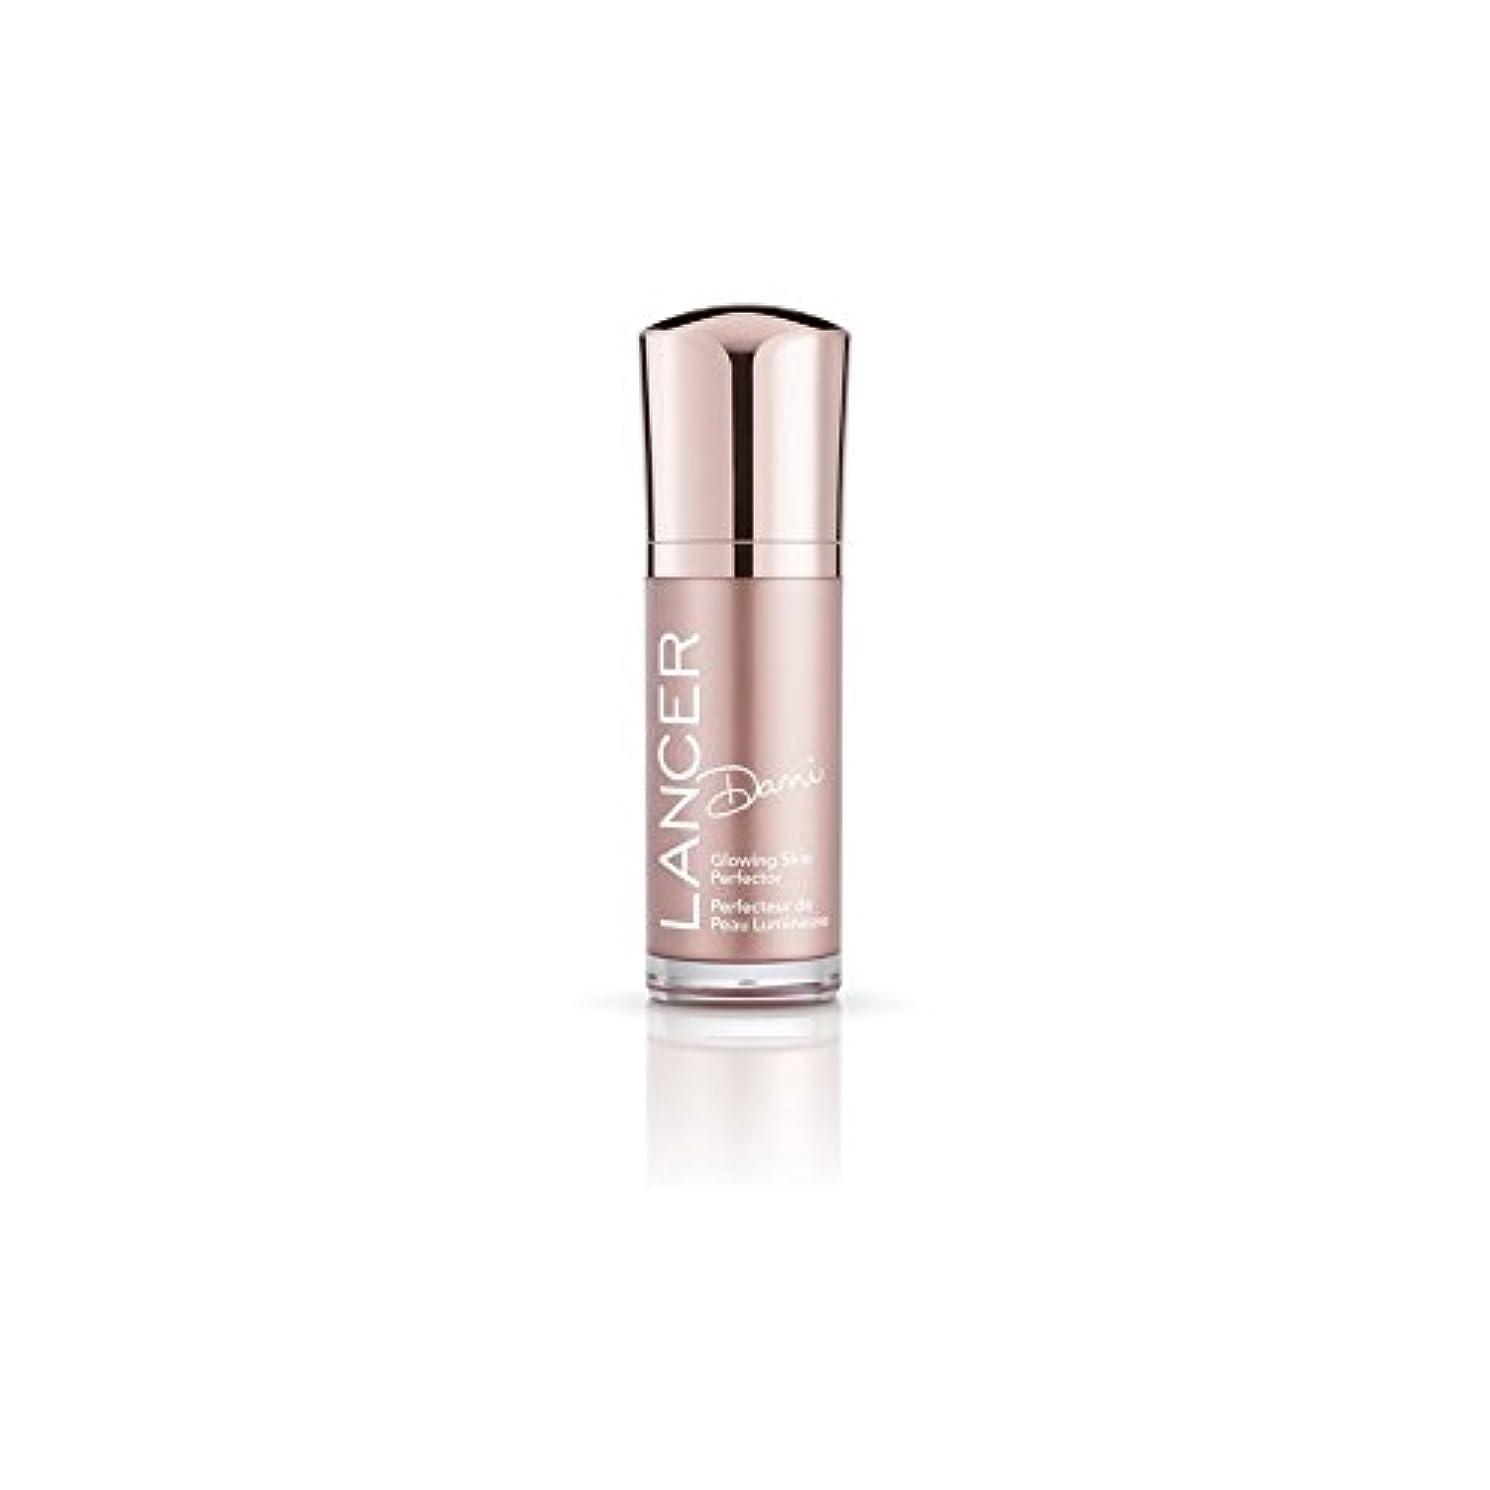 貝殻リムその間Lancer Skincare Dani Glowing Skin Perfector (30ml) - スキンパーフェク輝くランサースキンケアダニ(30ミリリットル) [並行輸入品]